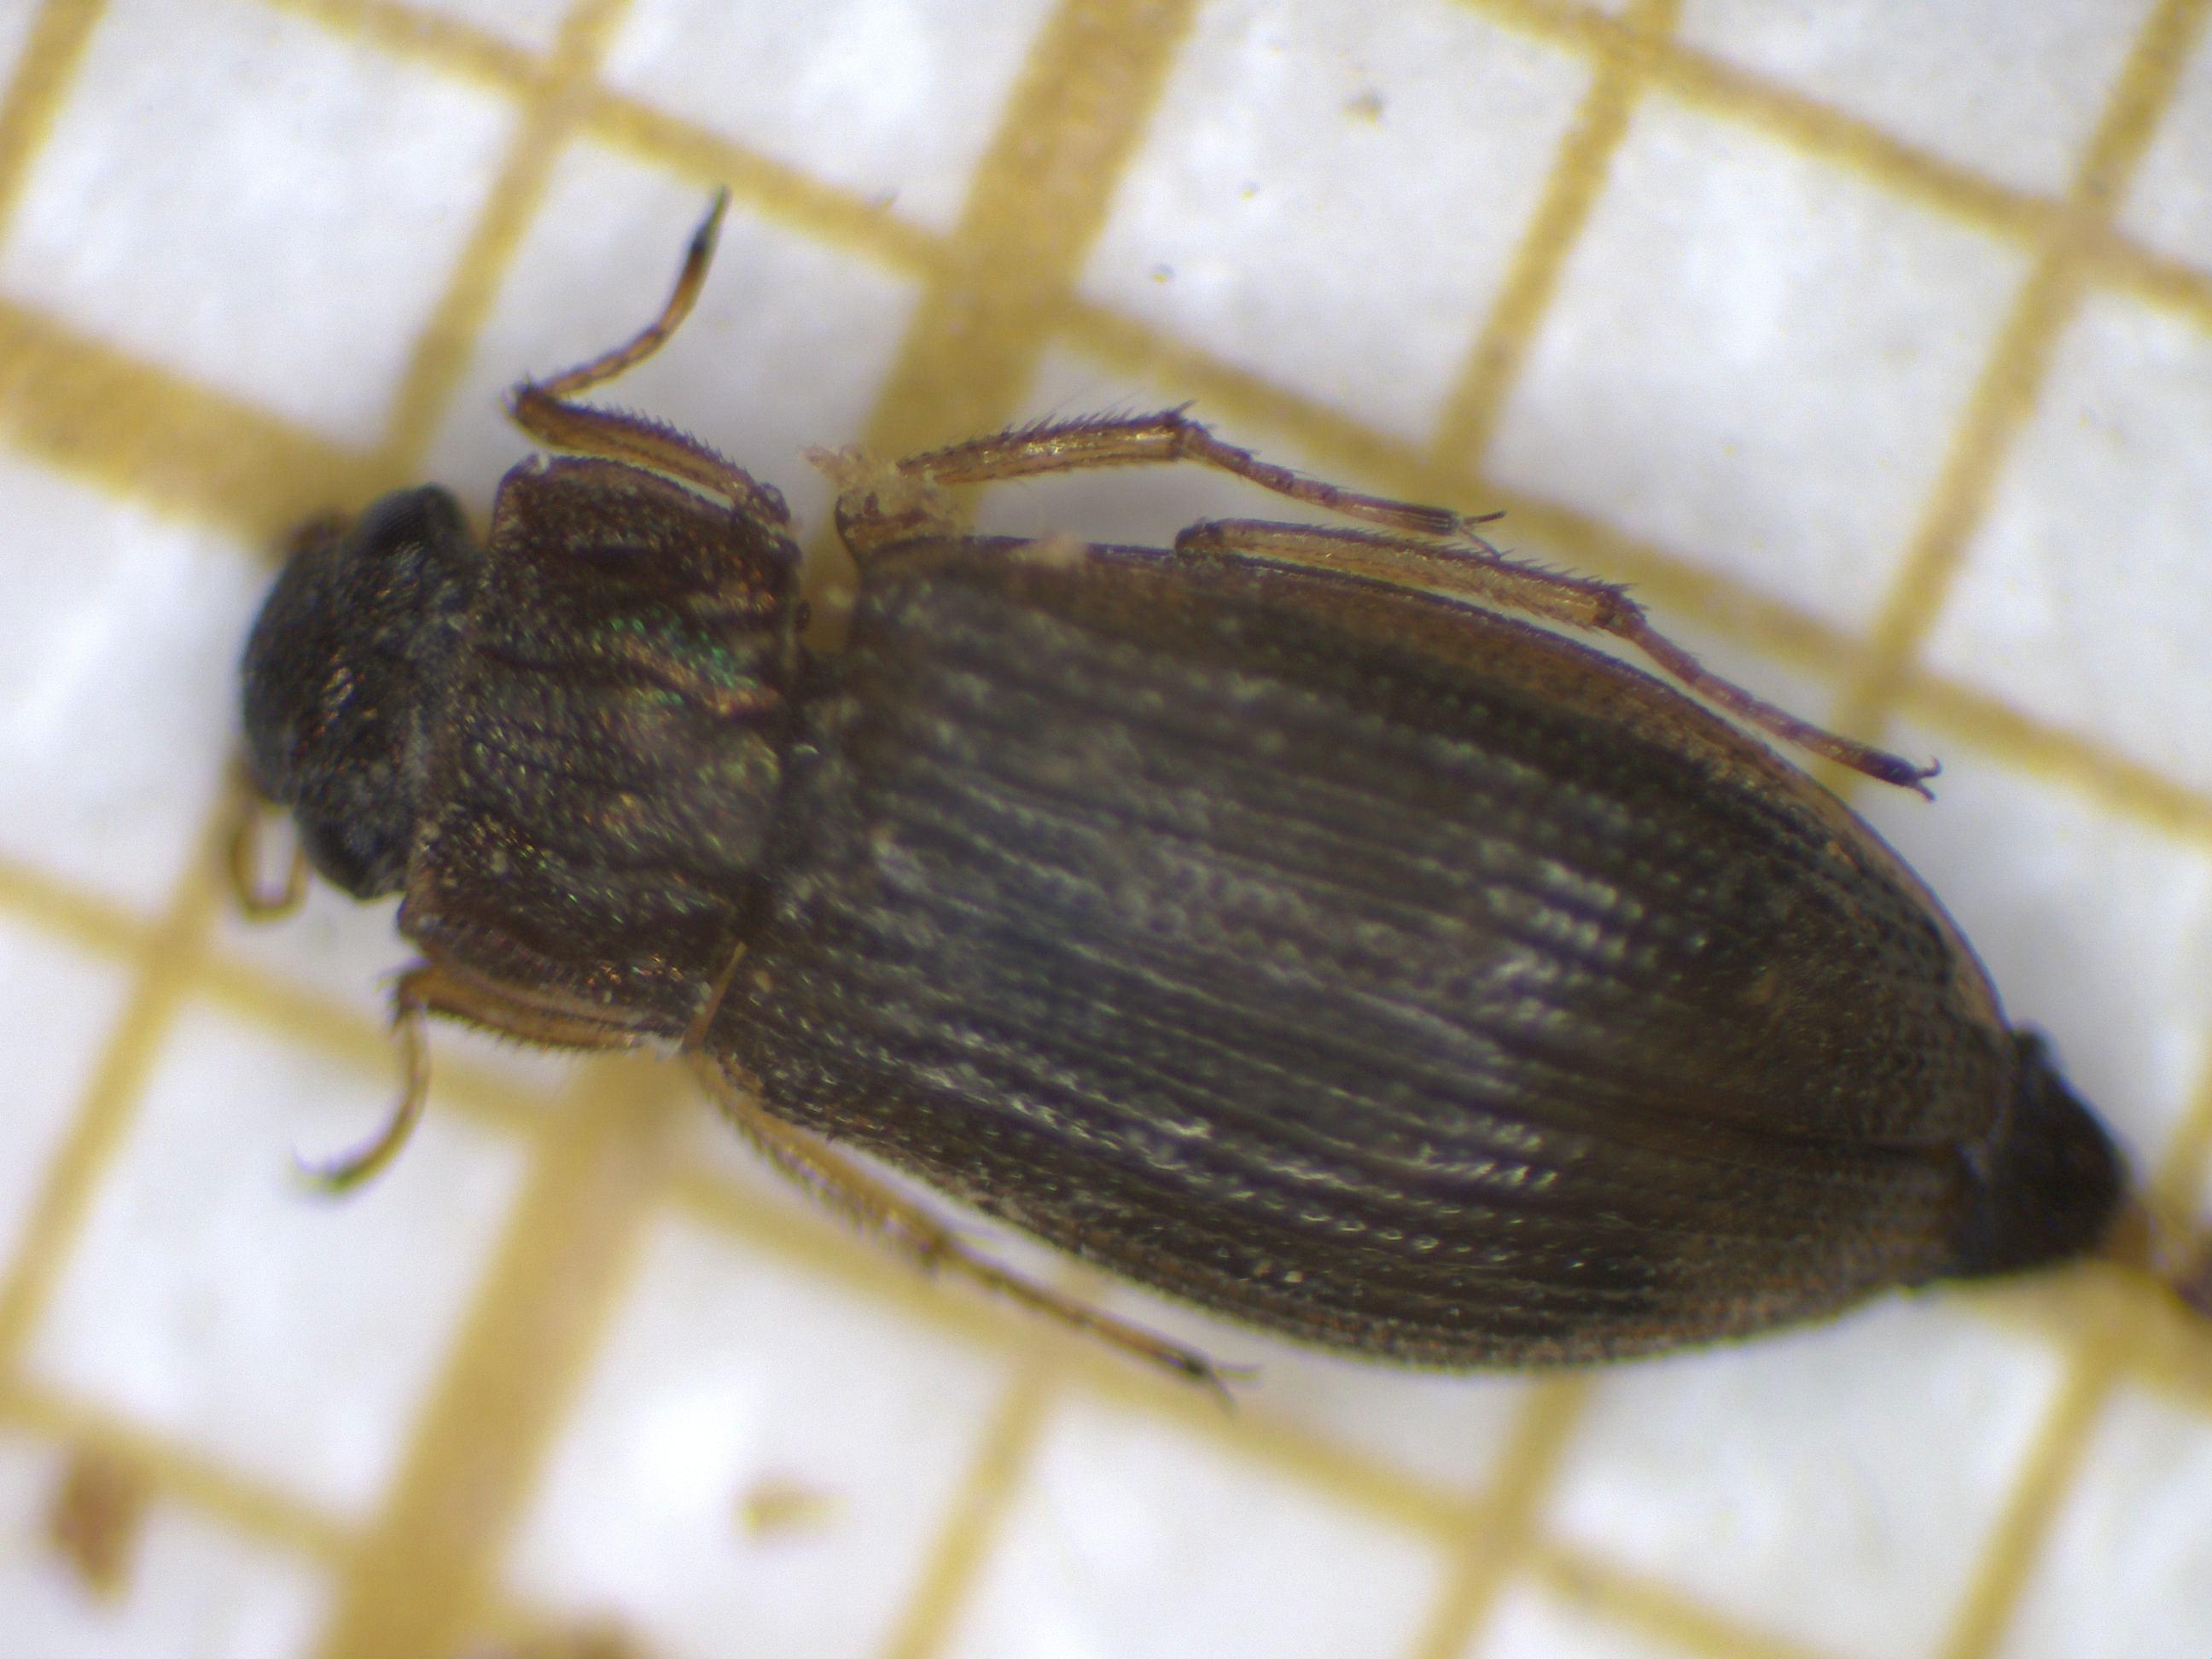 Helophorus fulgidicollis